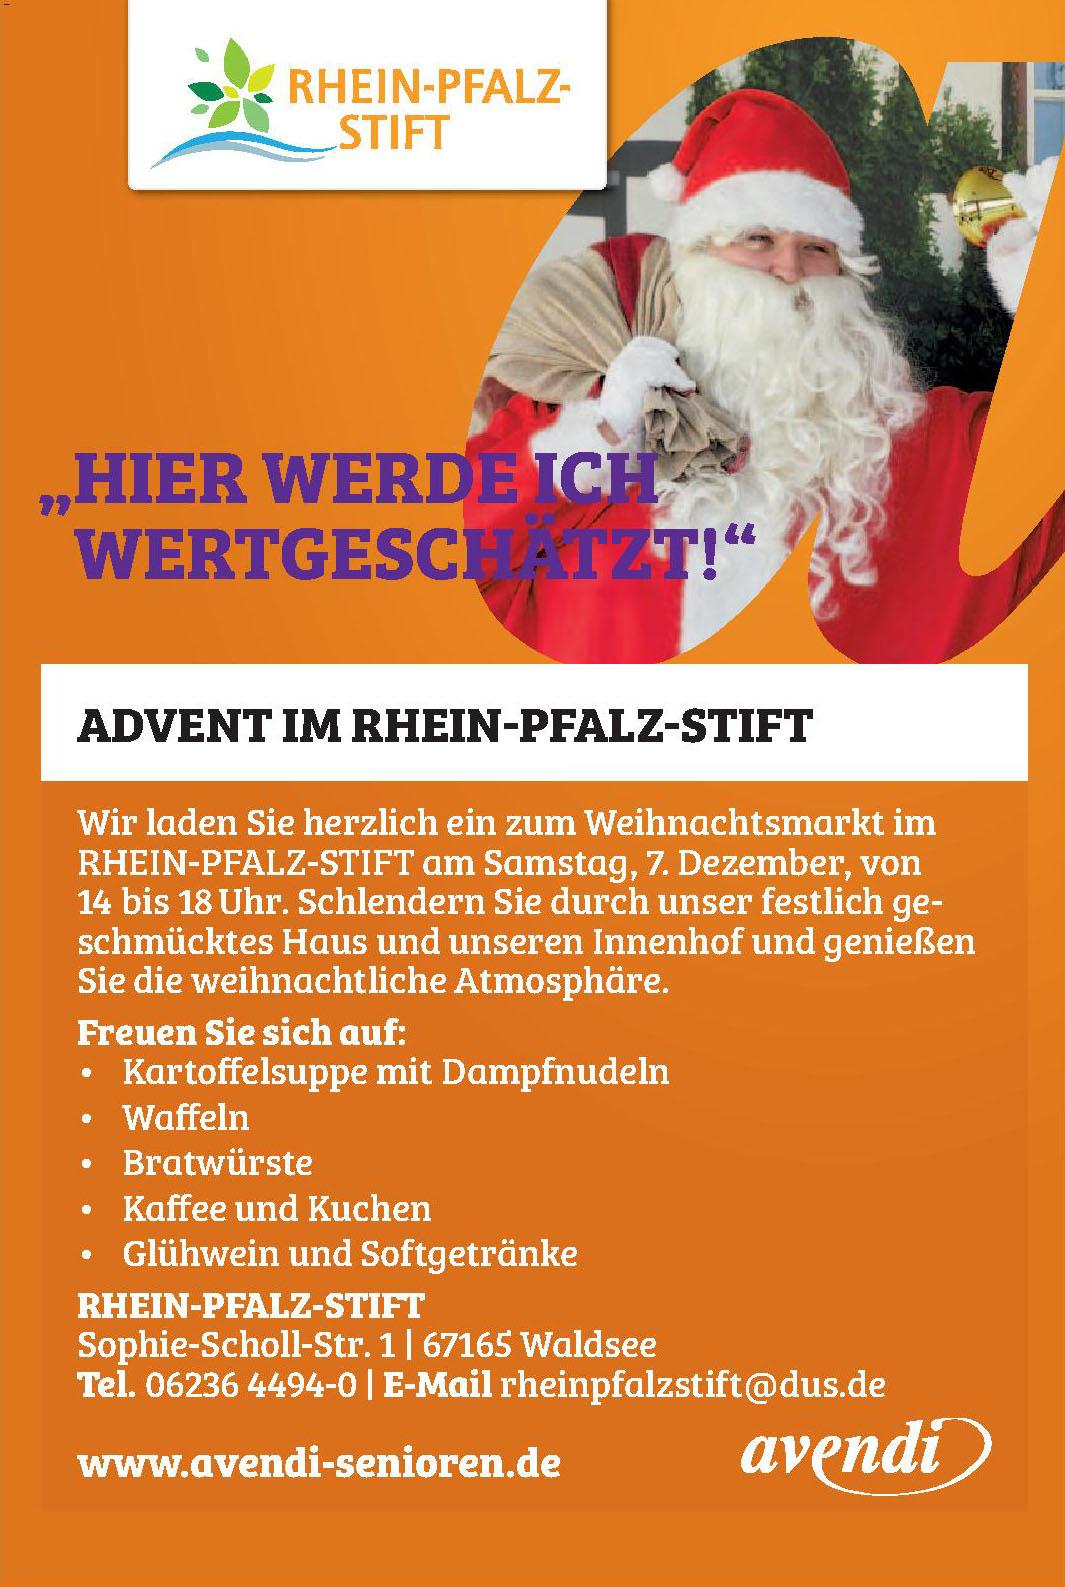 avendi Rhein-Pfalz-Stift